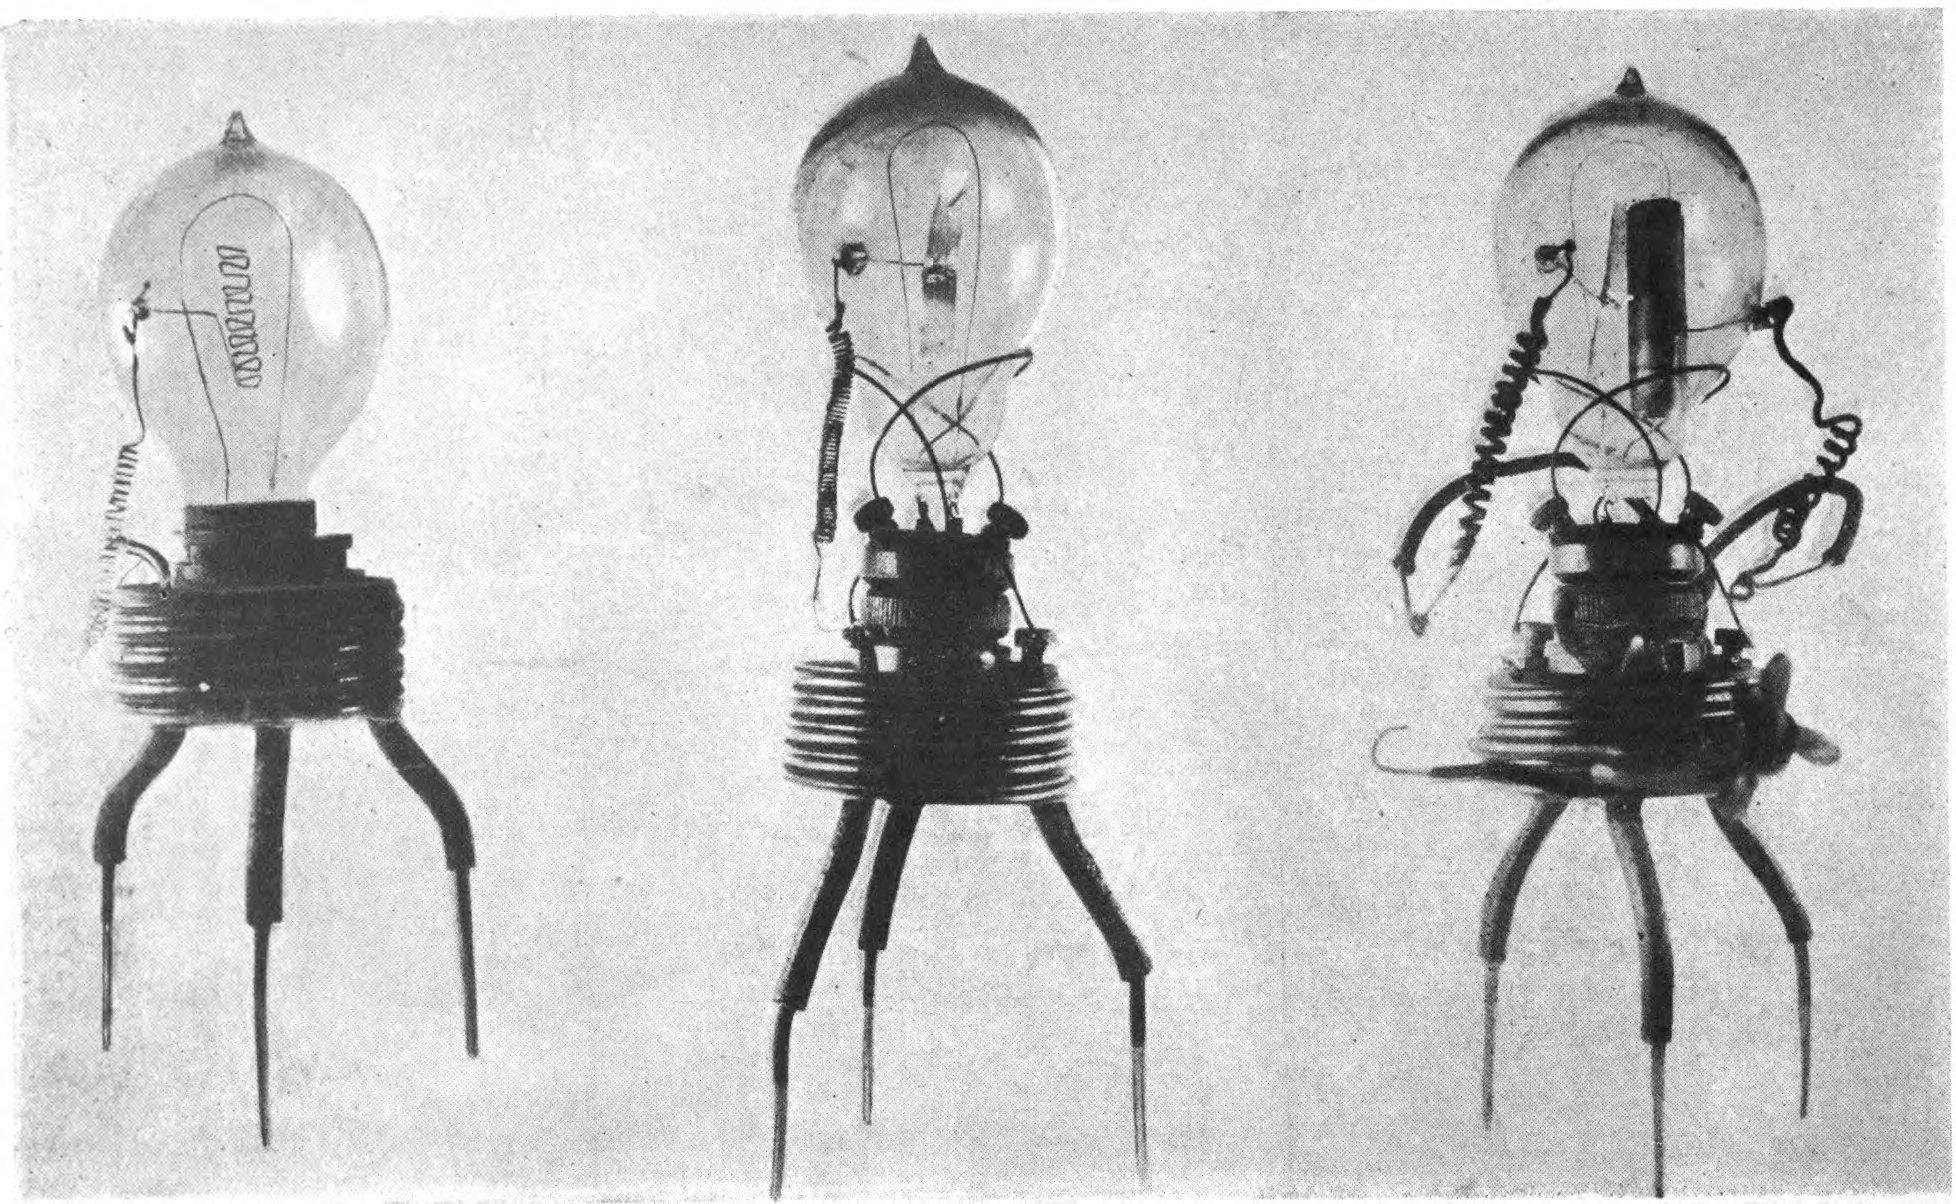 История реле: электронная эра - 4